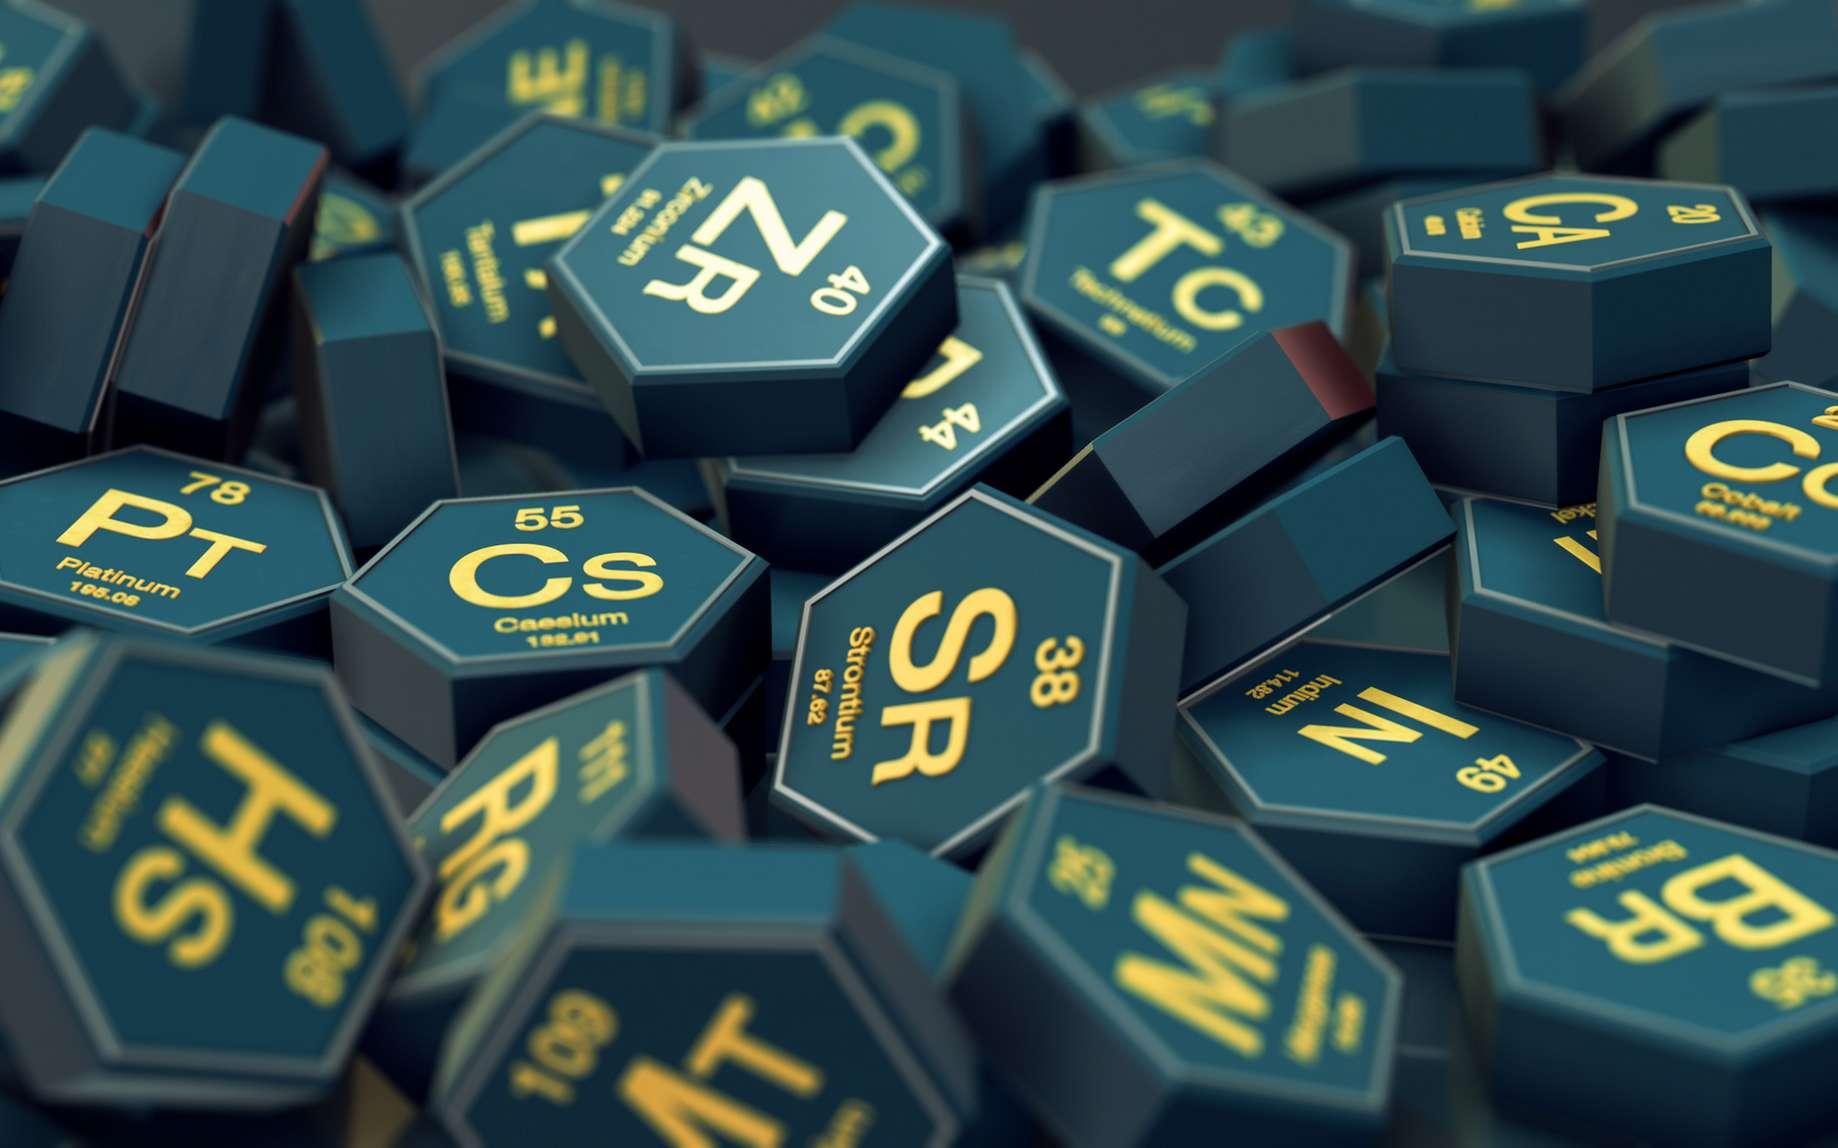 Par convention, la masse d'un atome est déterminée par son numéro atomique, soit le nombre de protons de son noyau. © lucadp, Fotolia